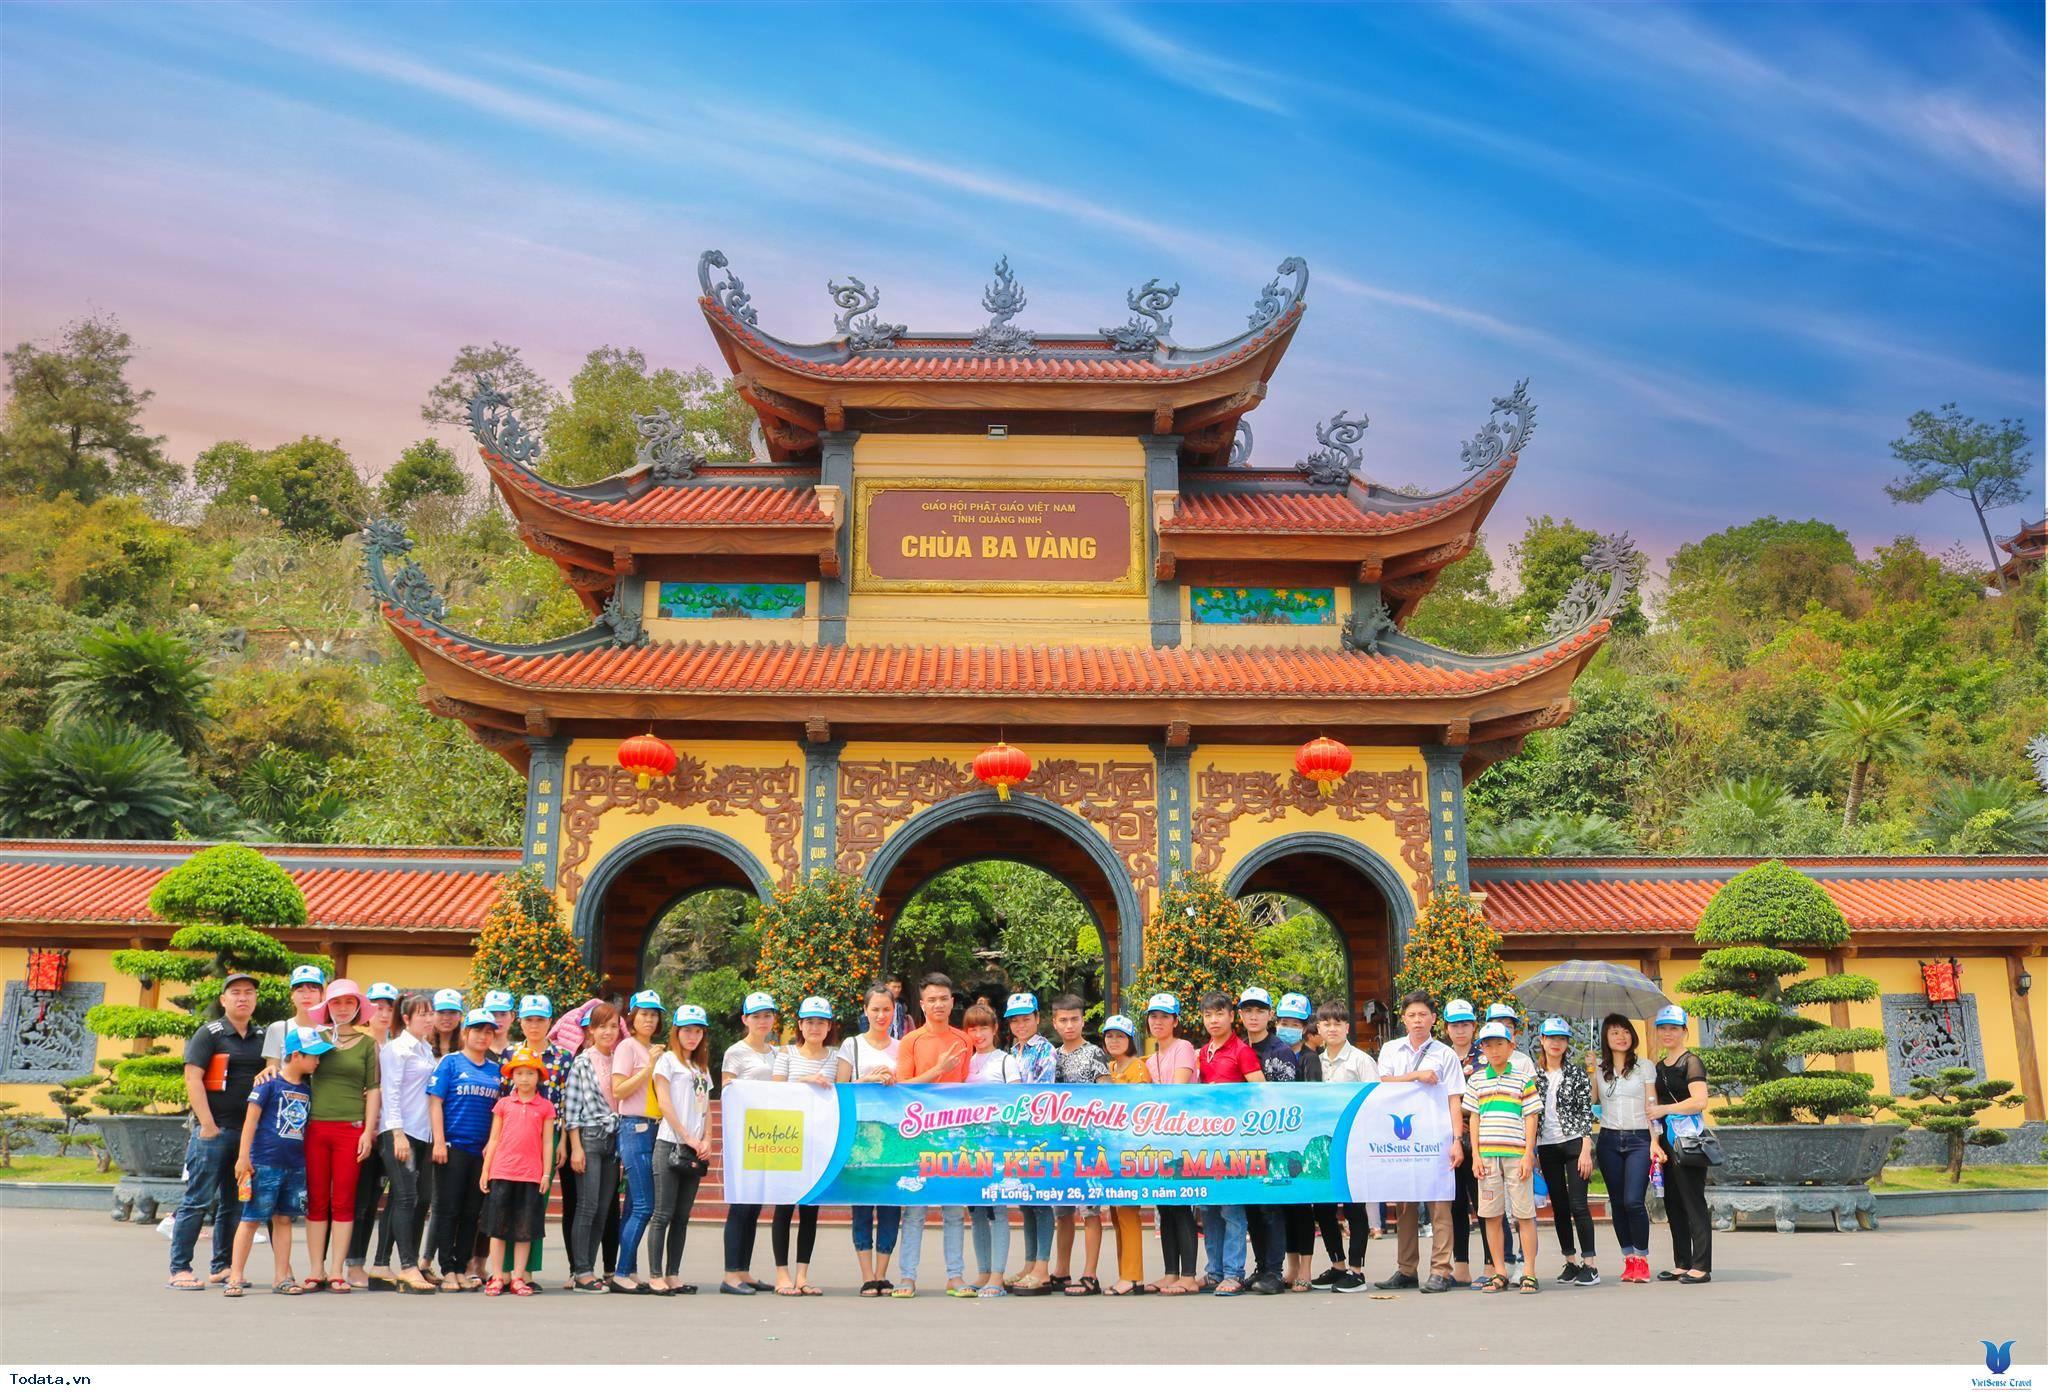 CÔNG TY CỔ PHẦN NORFOLK HATEXCO - Tour Hạ Long 2018 - Ảnh 2